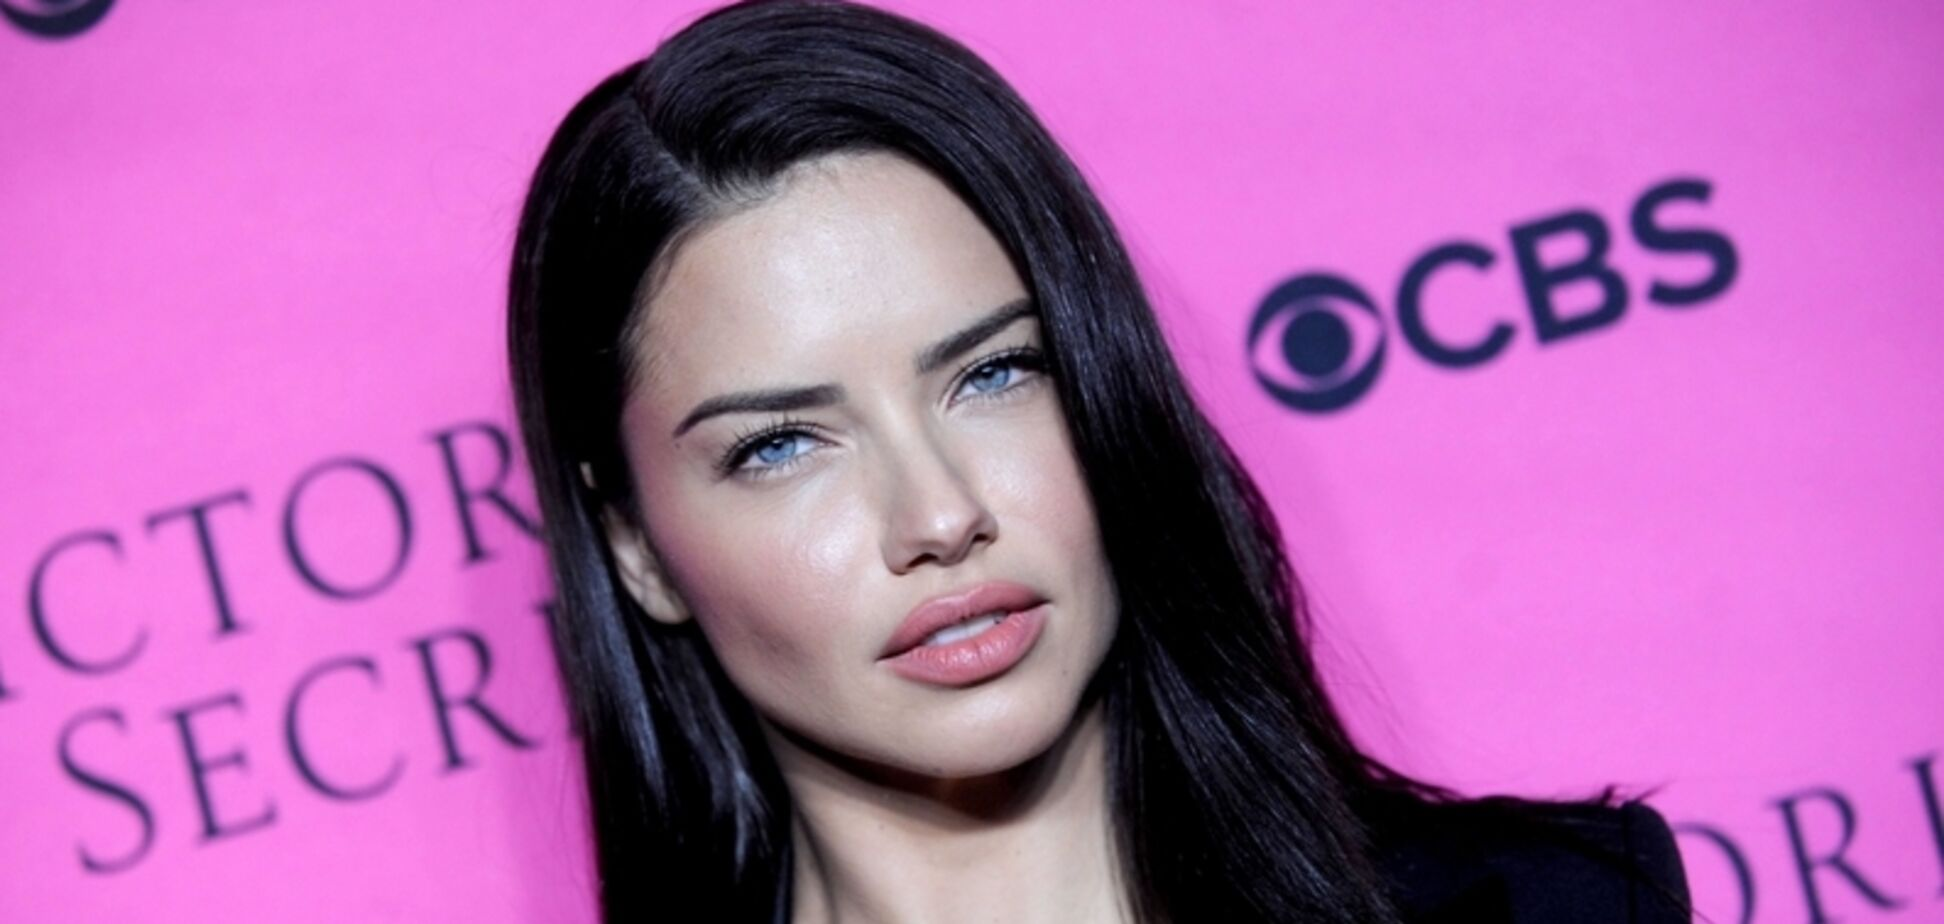 Ангели до і після: 6 моделей Victoria's Secret, які кардинально змінили свою зовнішність